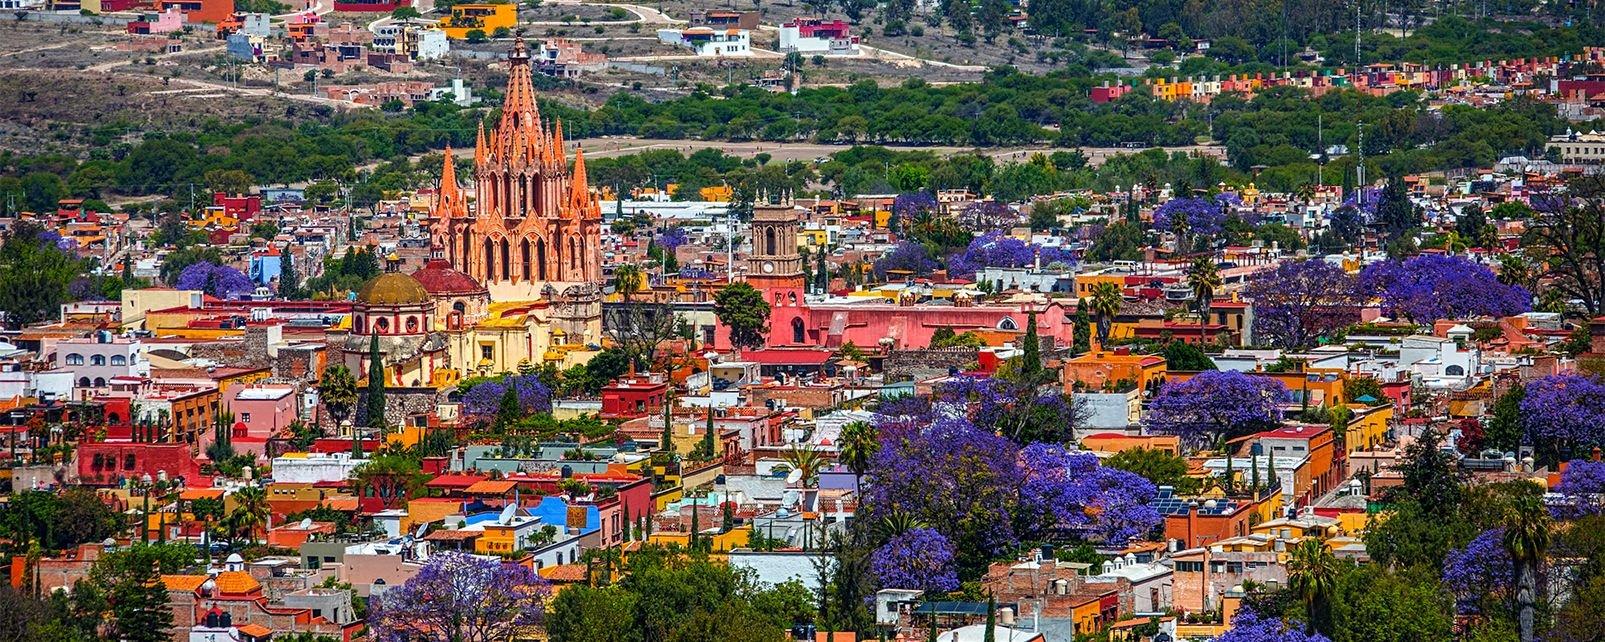 san miguel de allende tourisme - Image